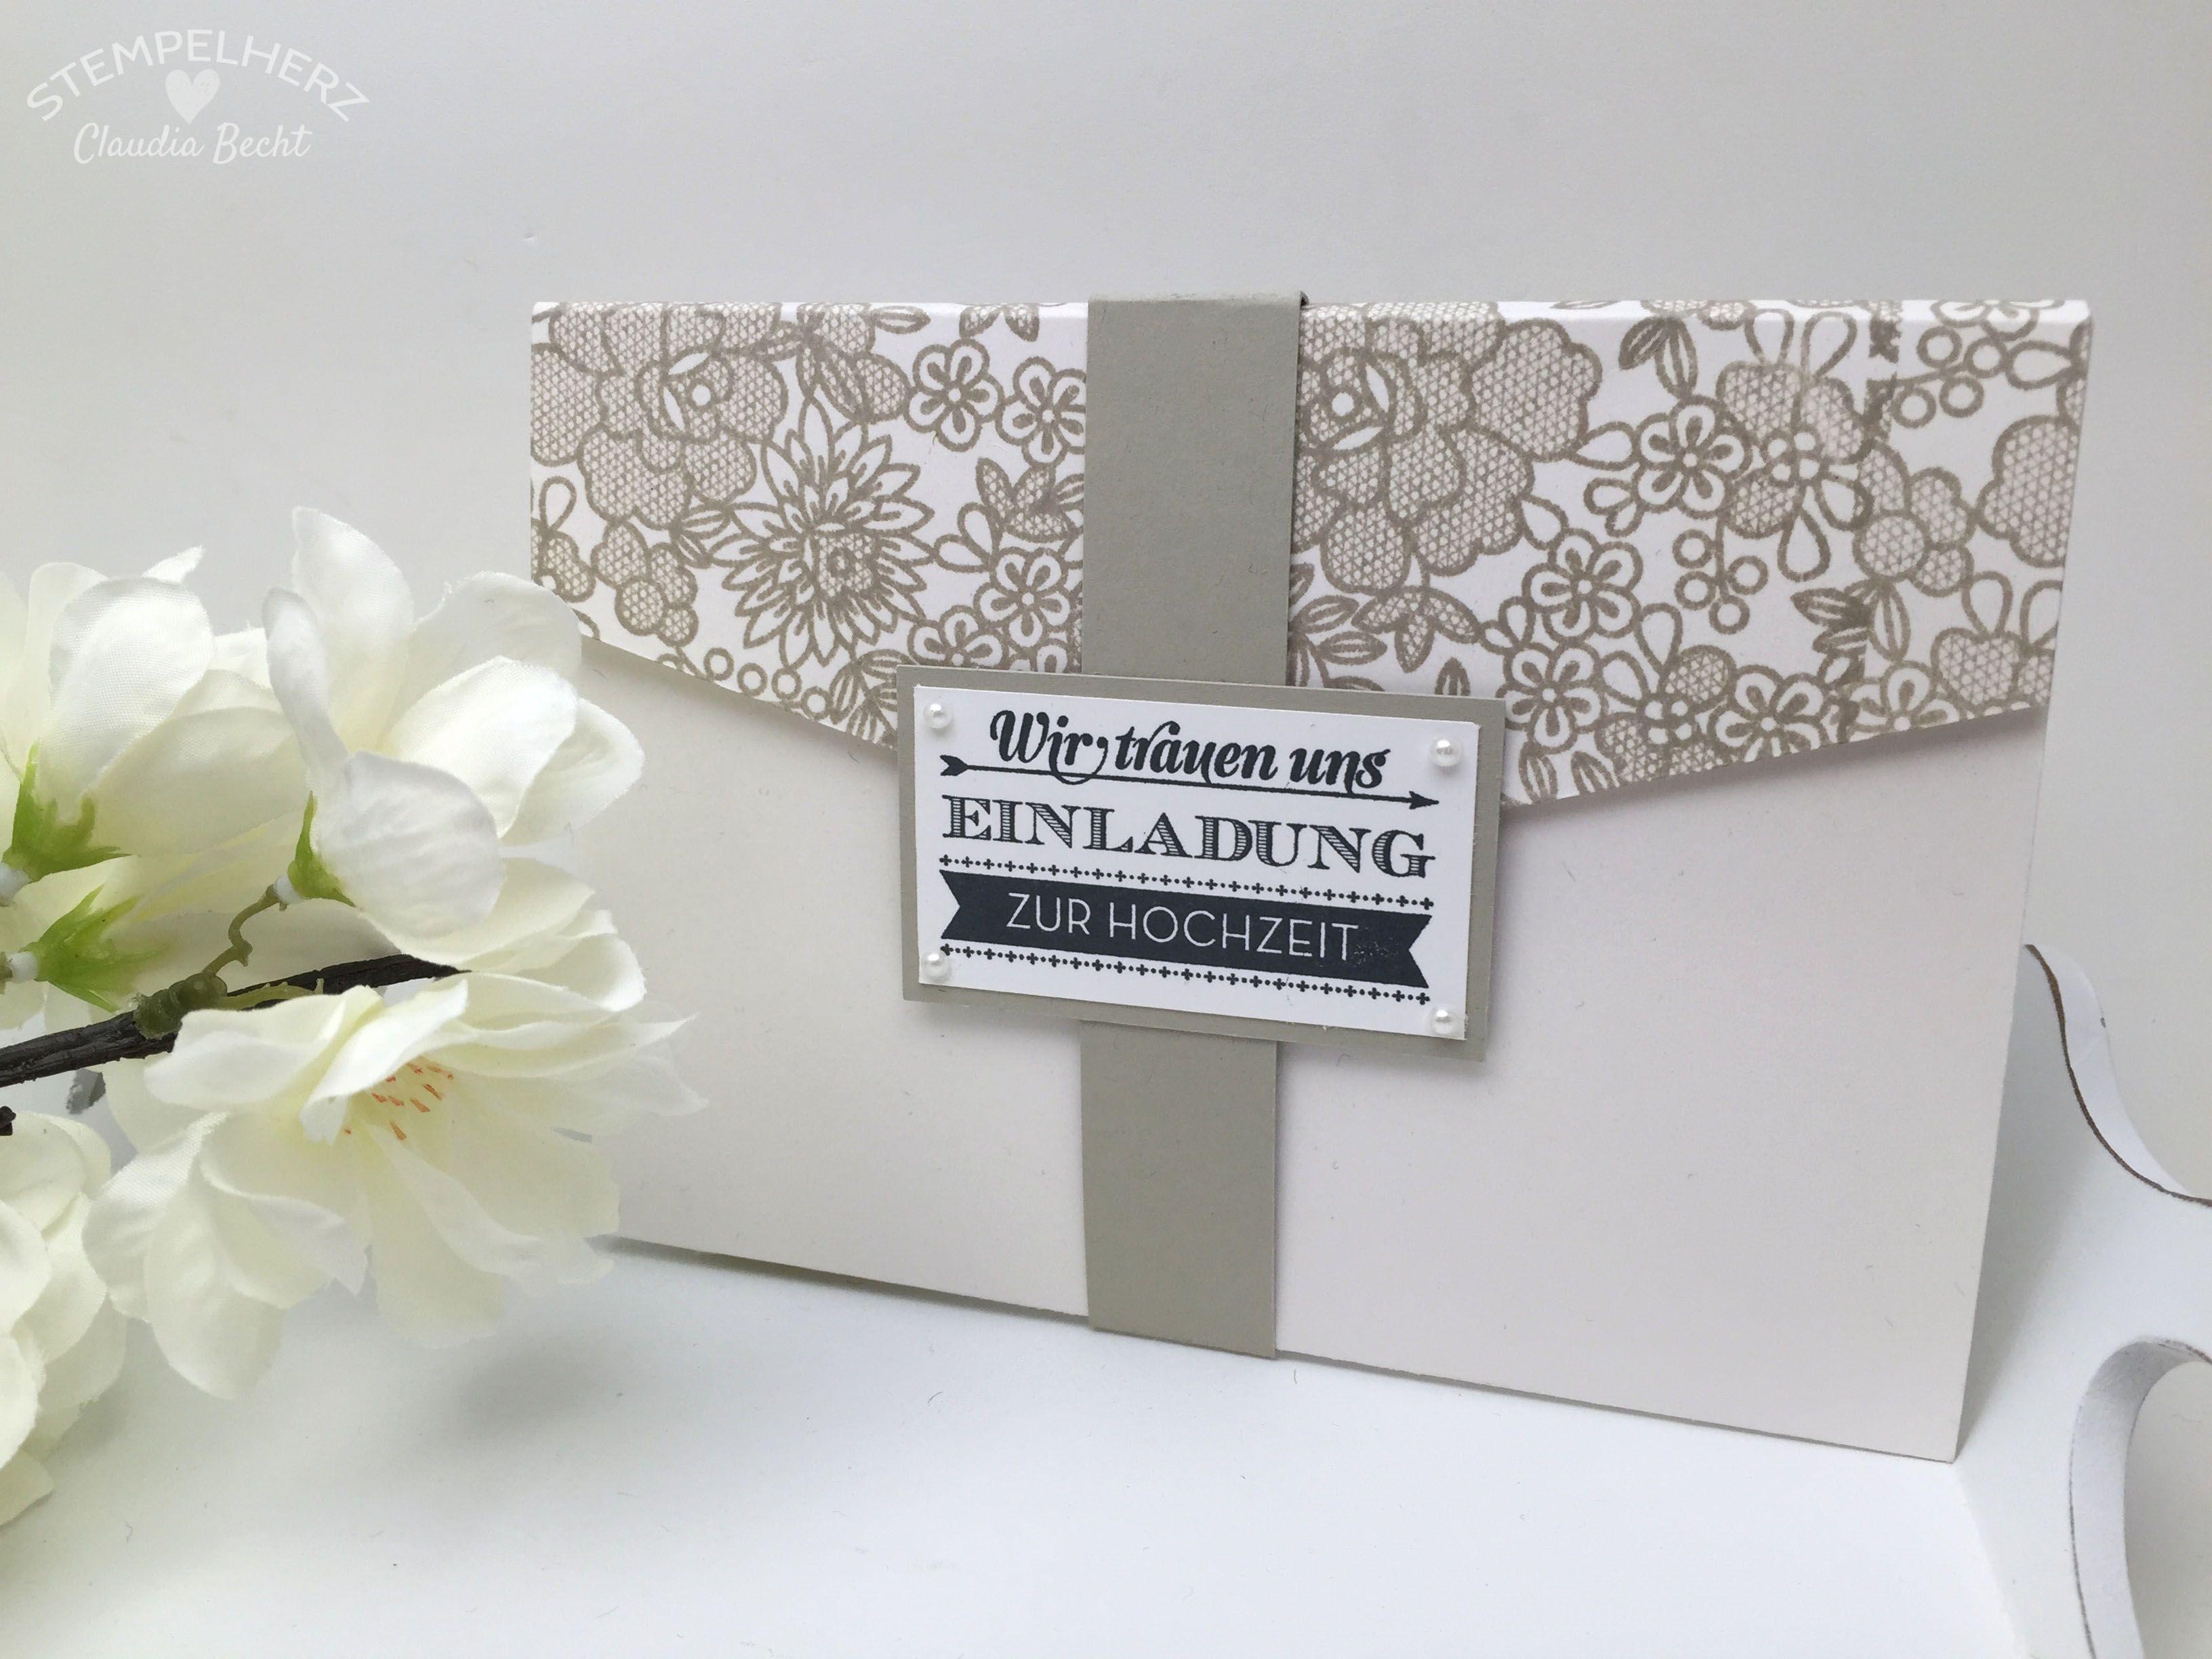 stampin up stempelherz hochzeitseinladung hochzeitskarte hochzeit karte einladung. Black Bedroom Furniture Sets. Home Design Ideas